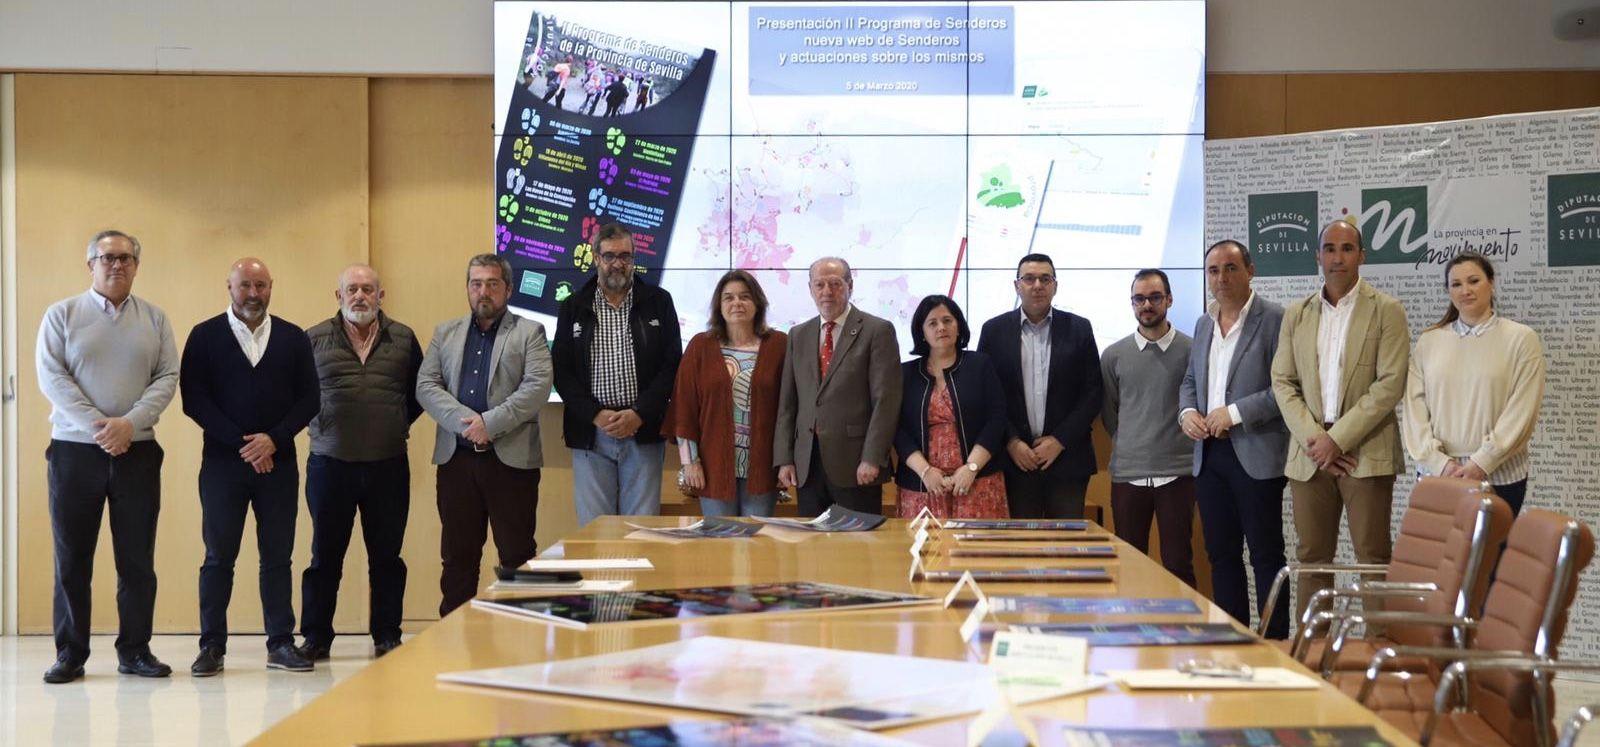 Diputación Sevilla potencia el turismo activo y de naturaleza con una nueva web